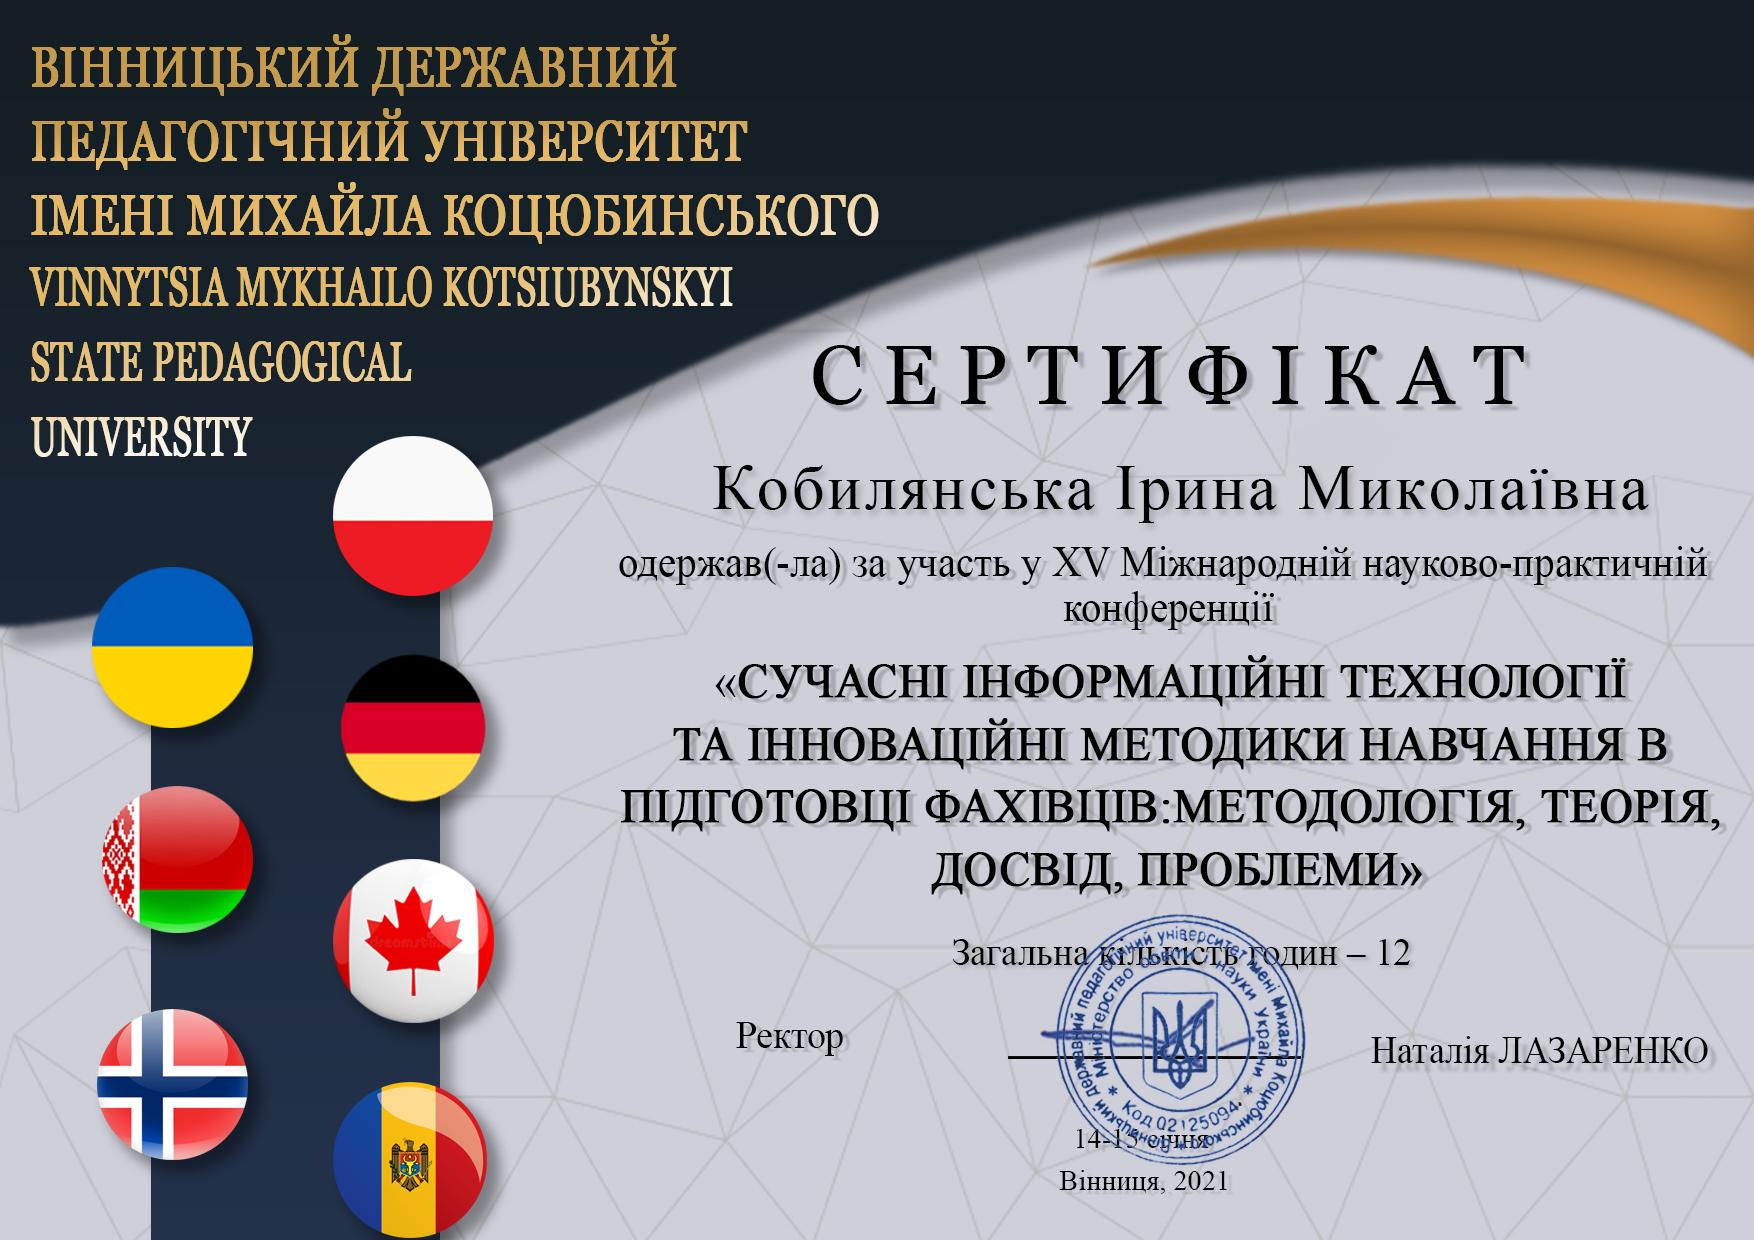 Кобилянська Ірина Миколаївна